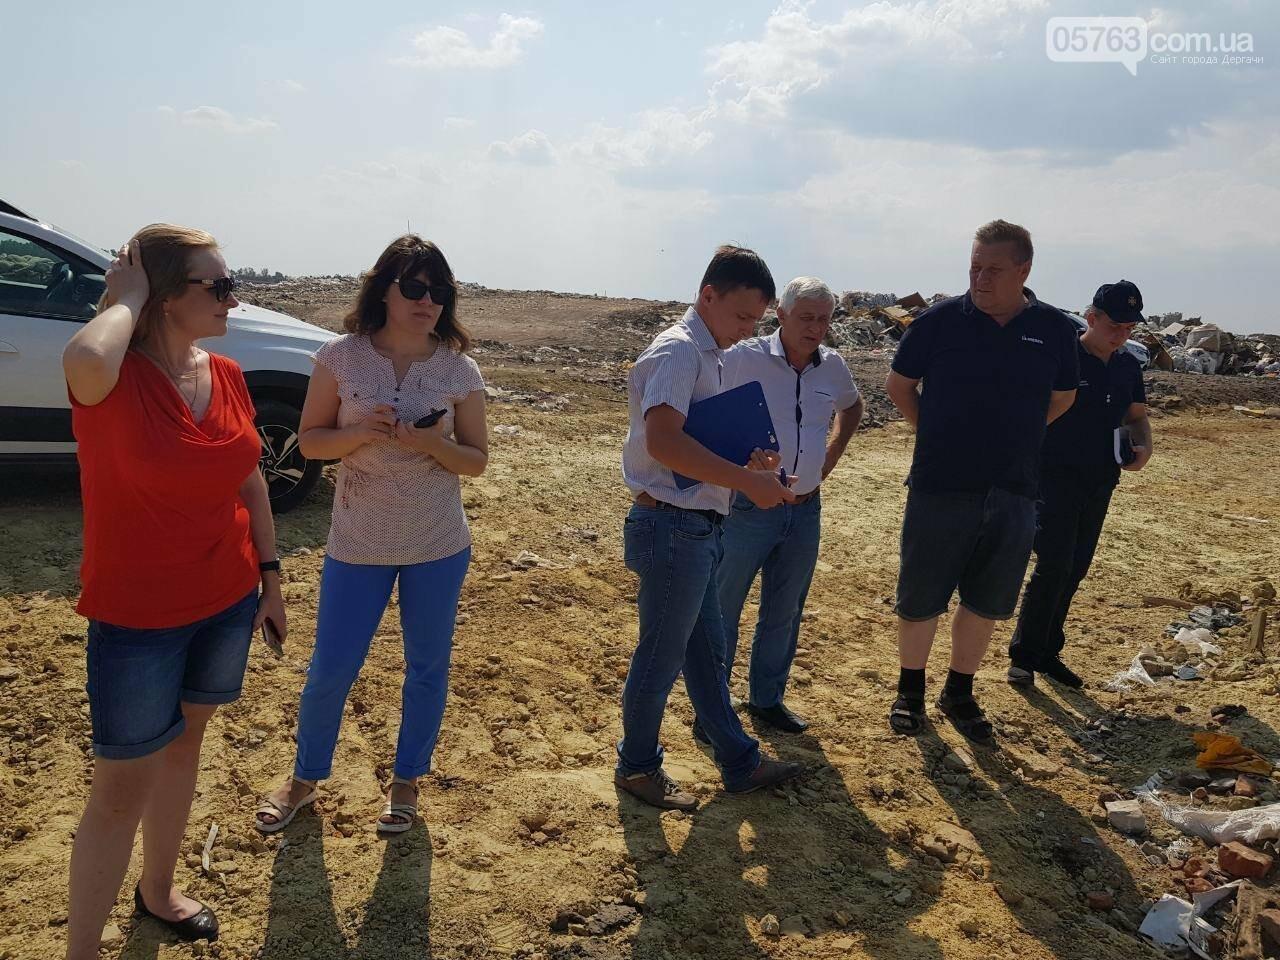 Дергачевский район: приняли участие в комиссионном обследовании полигонов хранения ТБО, фото-5